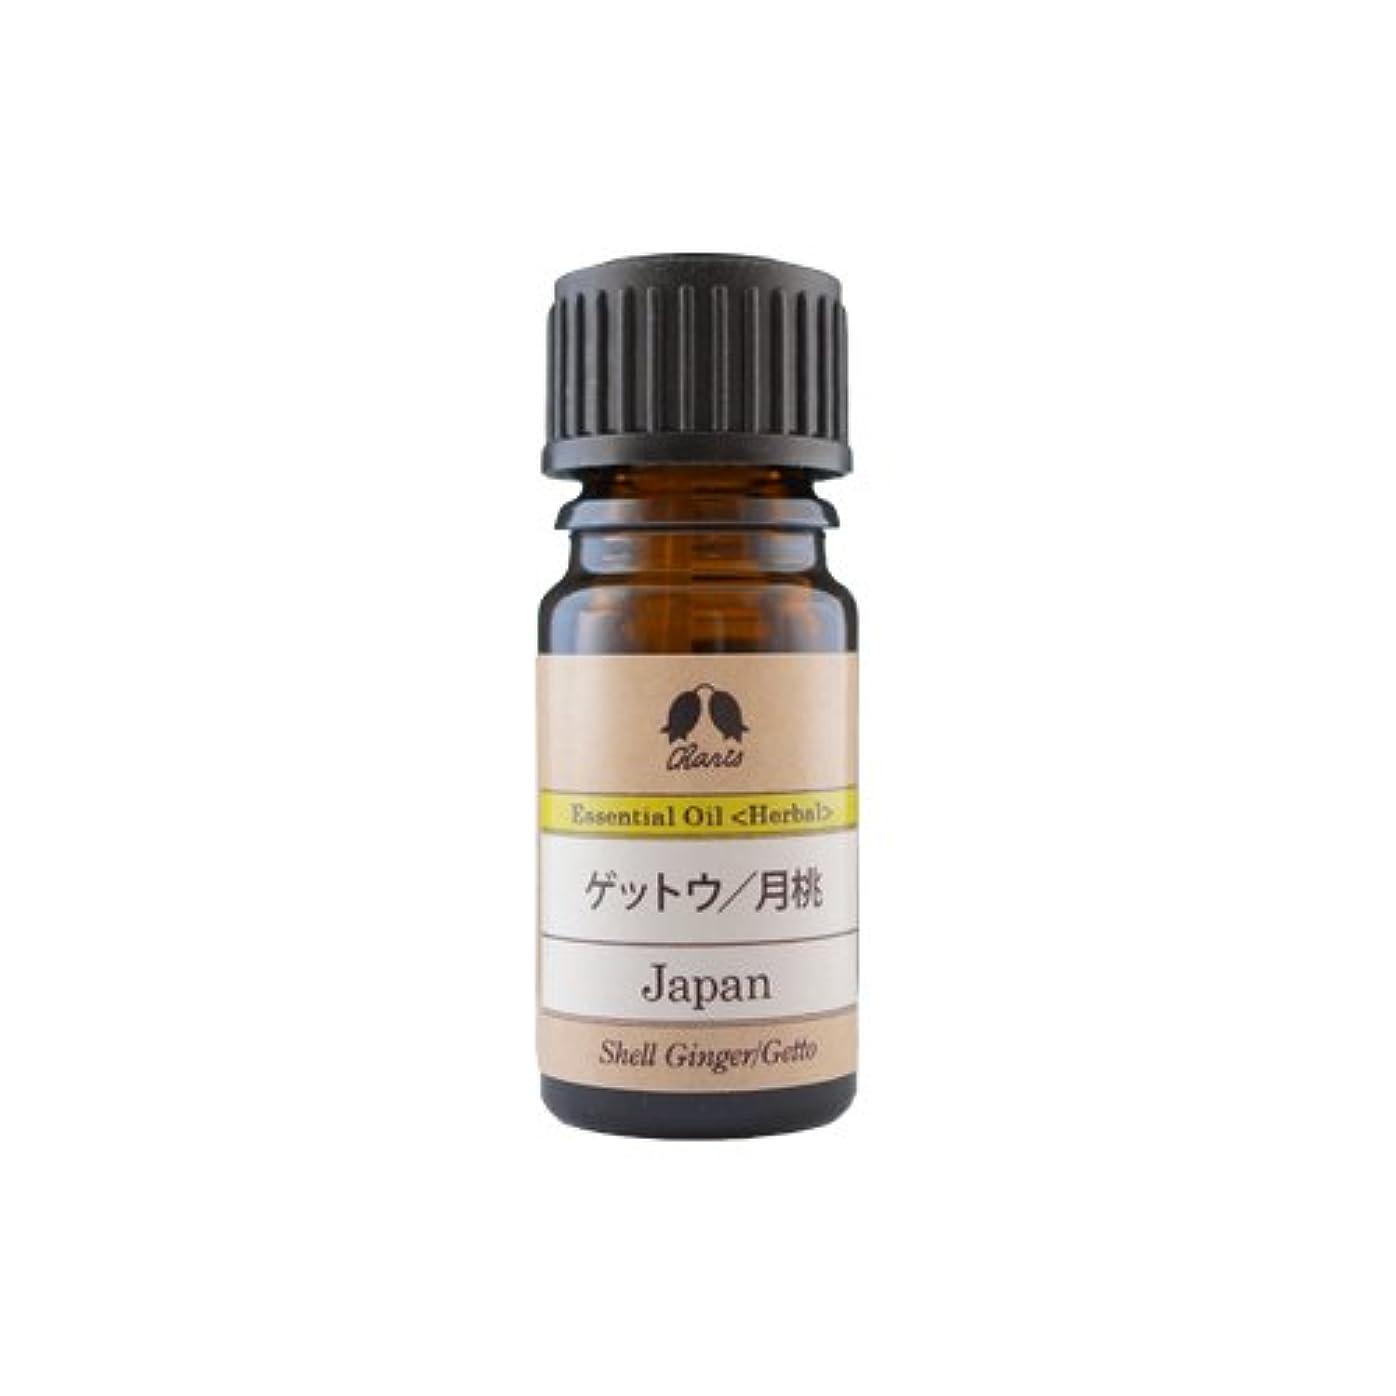 テレマコスチョコレートガムカリス 月桃 オイル 2ml